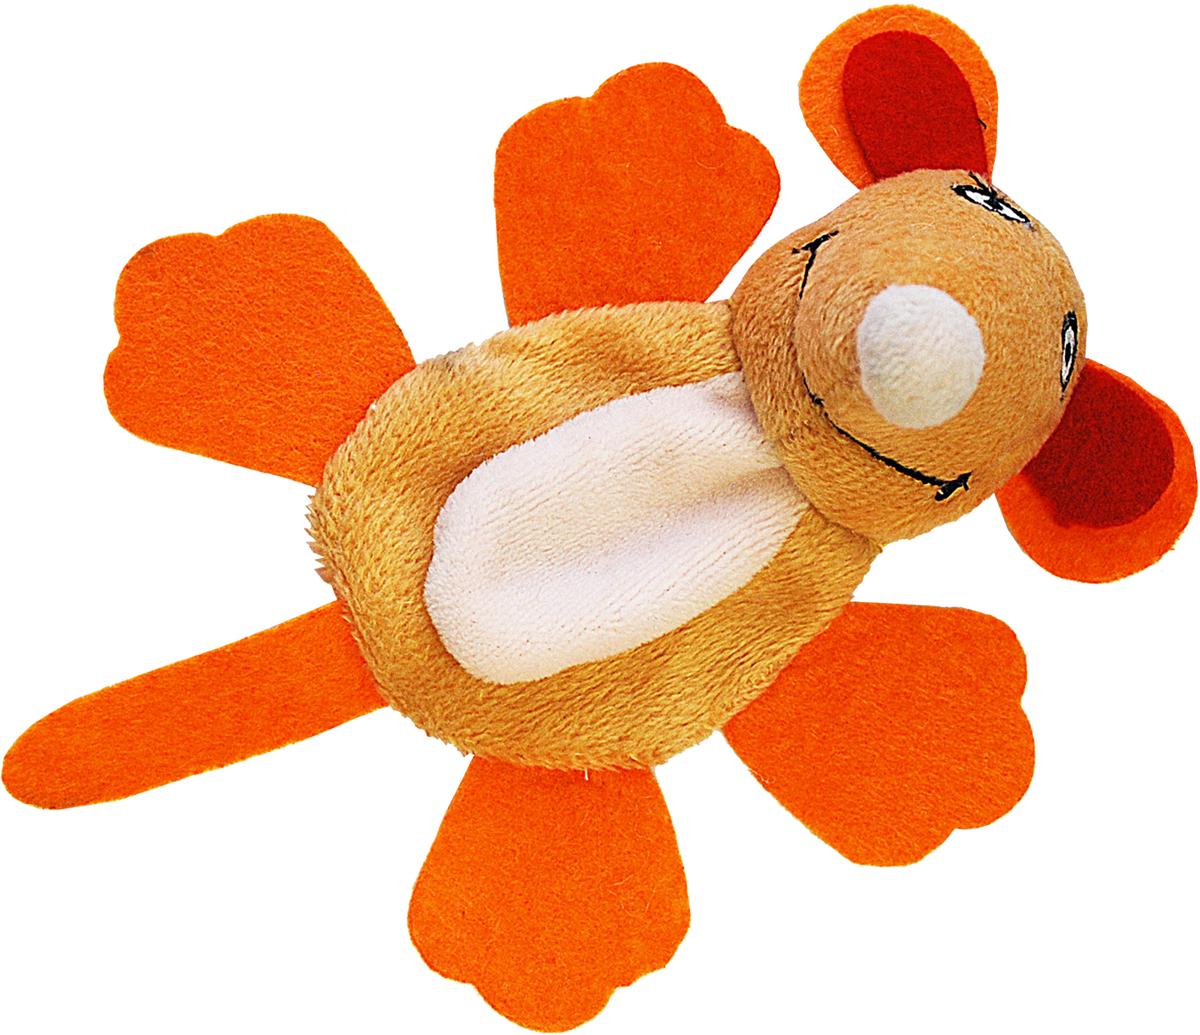 Игрушка для собак Уют Мышь, 16 x 11 x 5 смИУ205Благодаря пушистому меху они напоминают шкурку зверька и пробуждают охотничьи инстинкты, из-за этого четвероногие с удовольствием грызут и кусают игрушки, практически не выпуская их из лап.